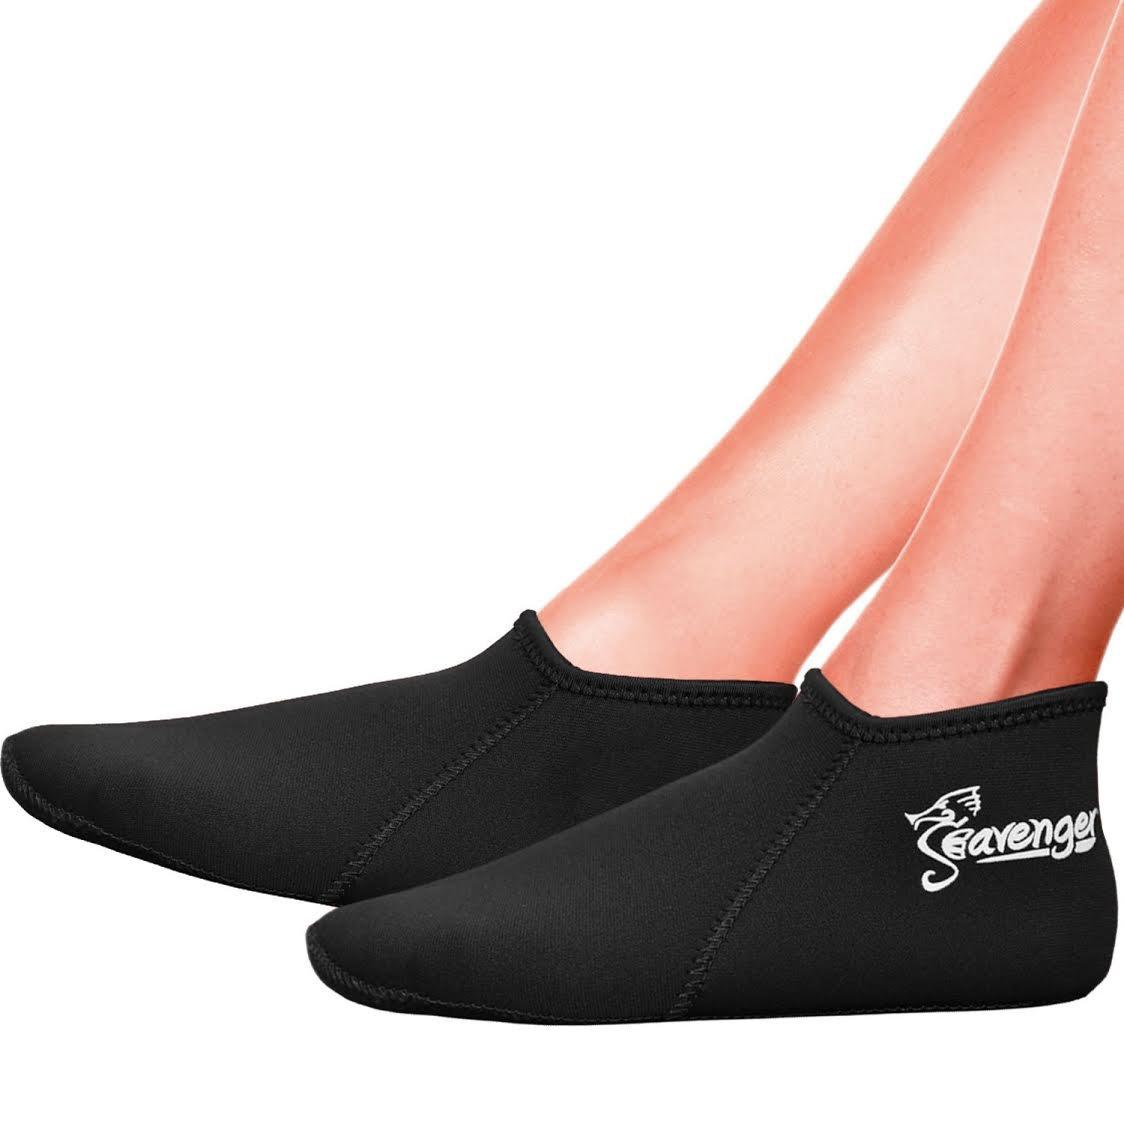 Seavenger Zephyr 3mm Neoprene Socks for Scuba Diving Snorkeling Swimming All Water Sports